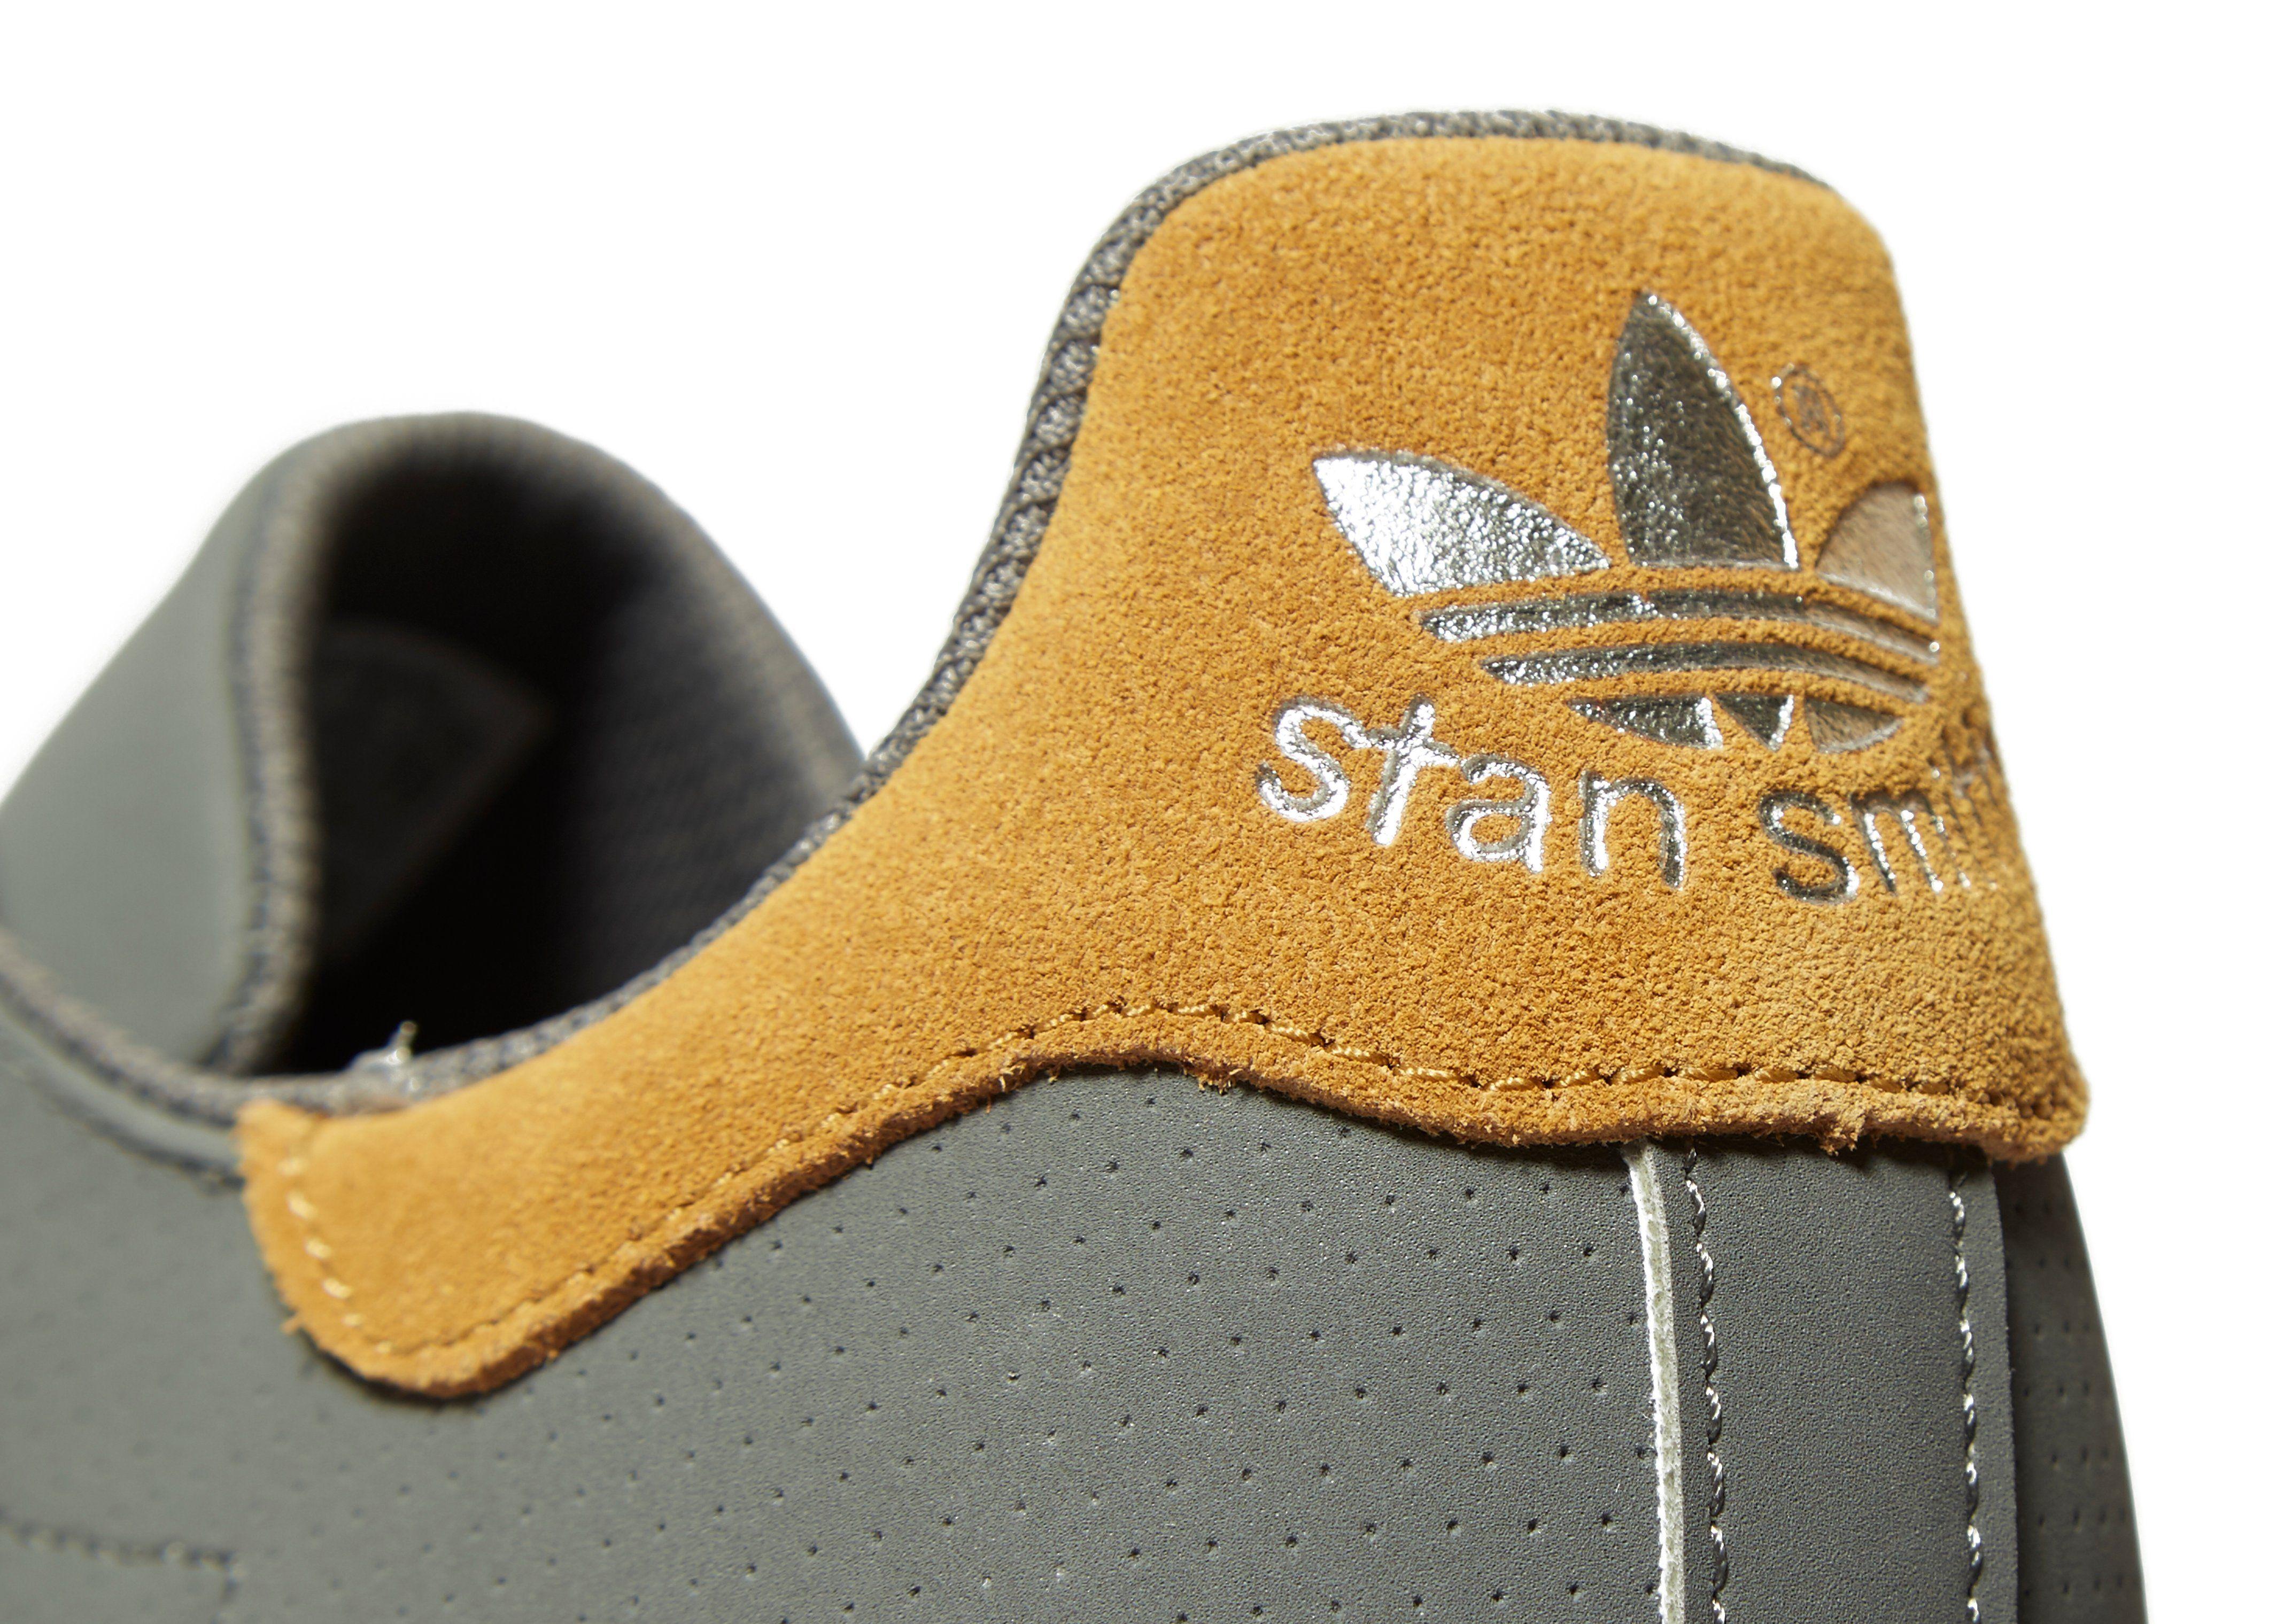 Rabatt 100% Authentische adidas Originals Stan Smith Vulc Grau Billig Großhandelspreis Genießen O07ZcgEUL